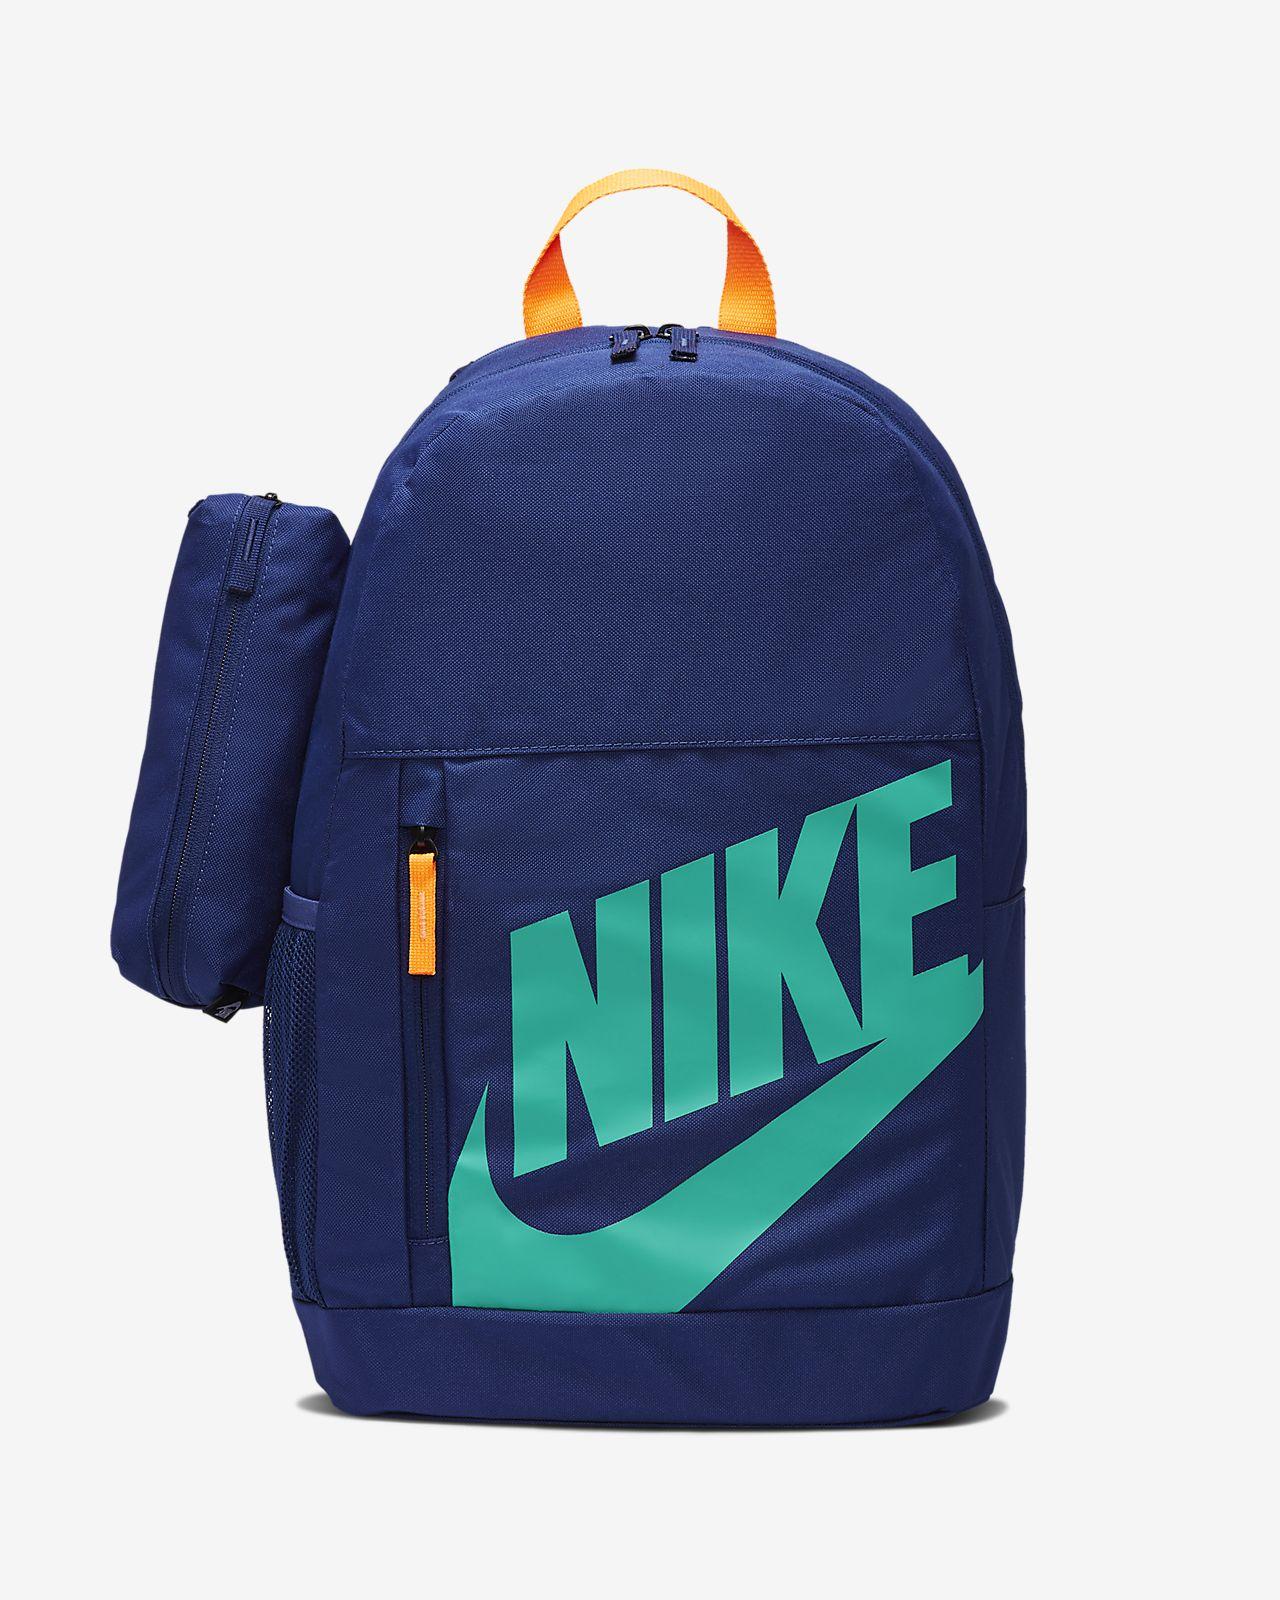 Nike Just Do It JDI Bag Rucksack Backpack Blue Orange Back to School Mini Small